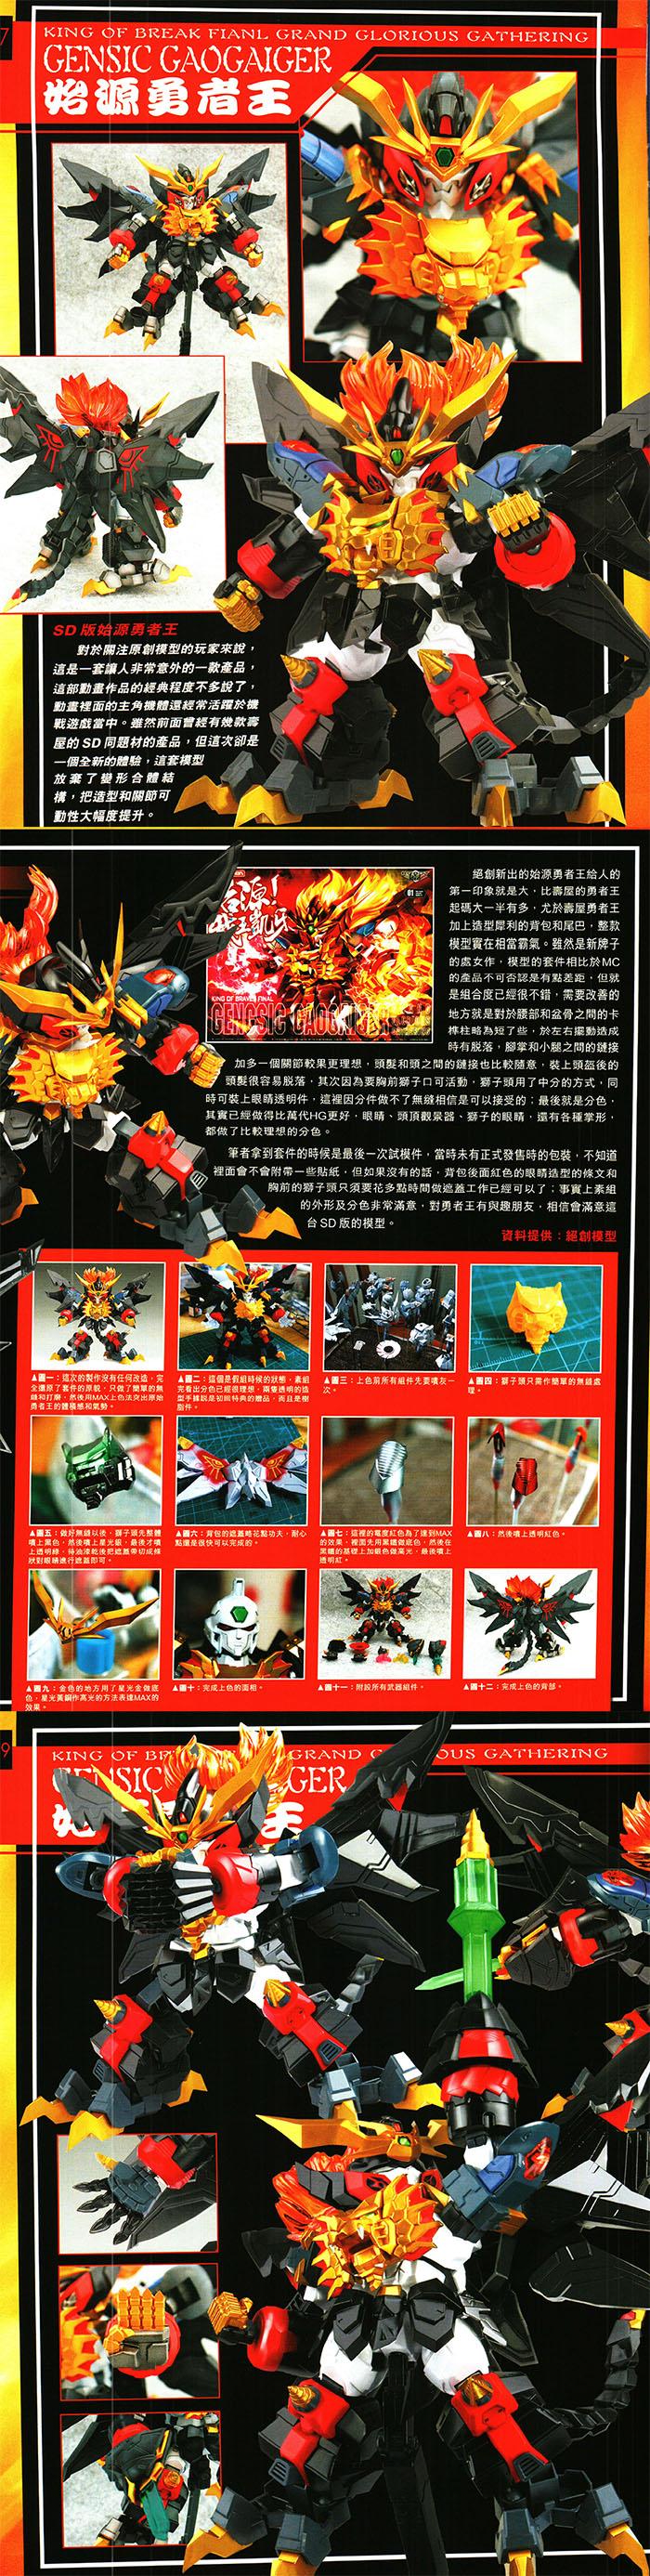 g21-info-04.jpg